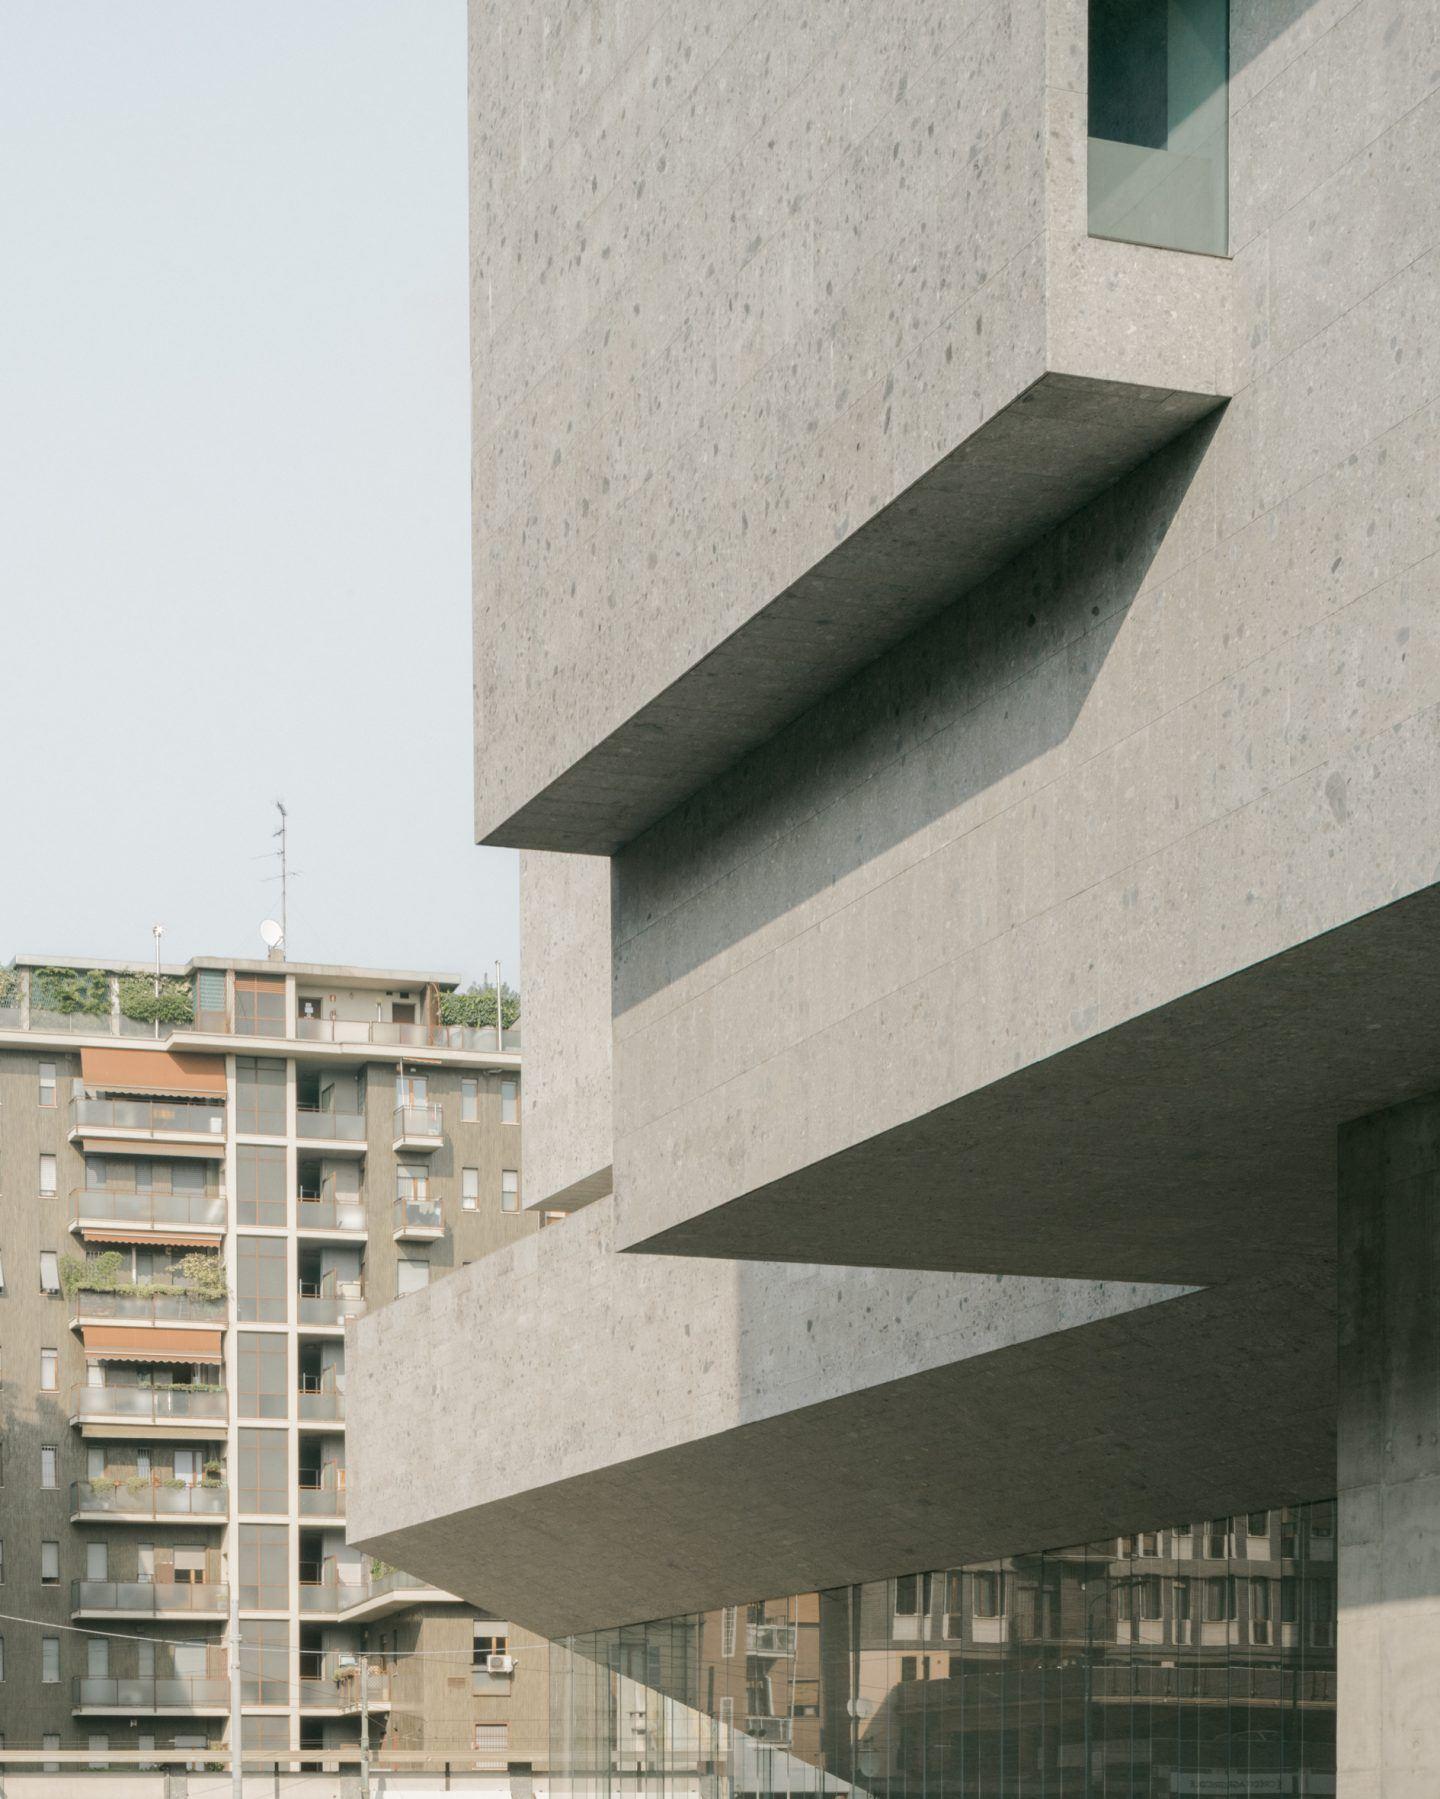 IGNANT-Travel-Lorenzo-Zandri-Grafton-Bocconi-University-04